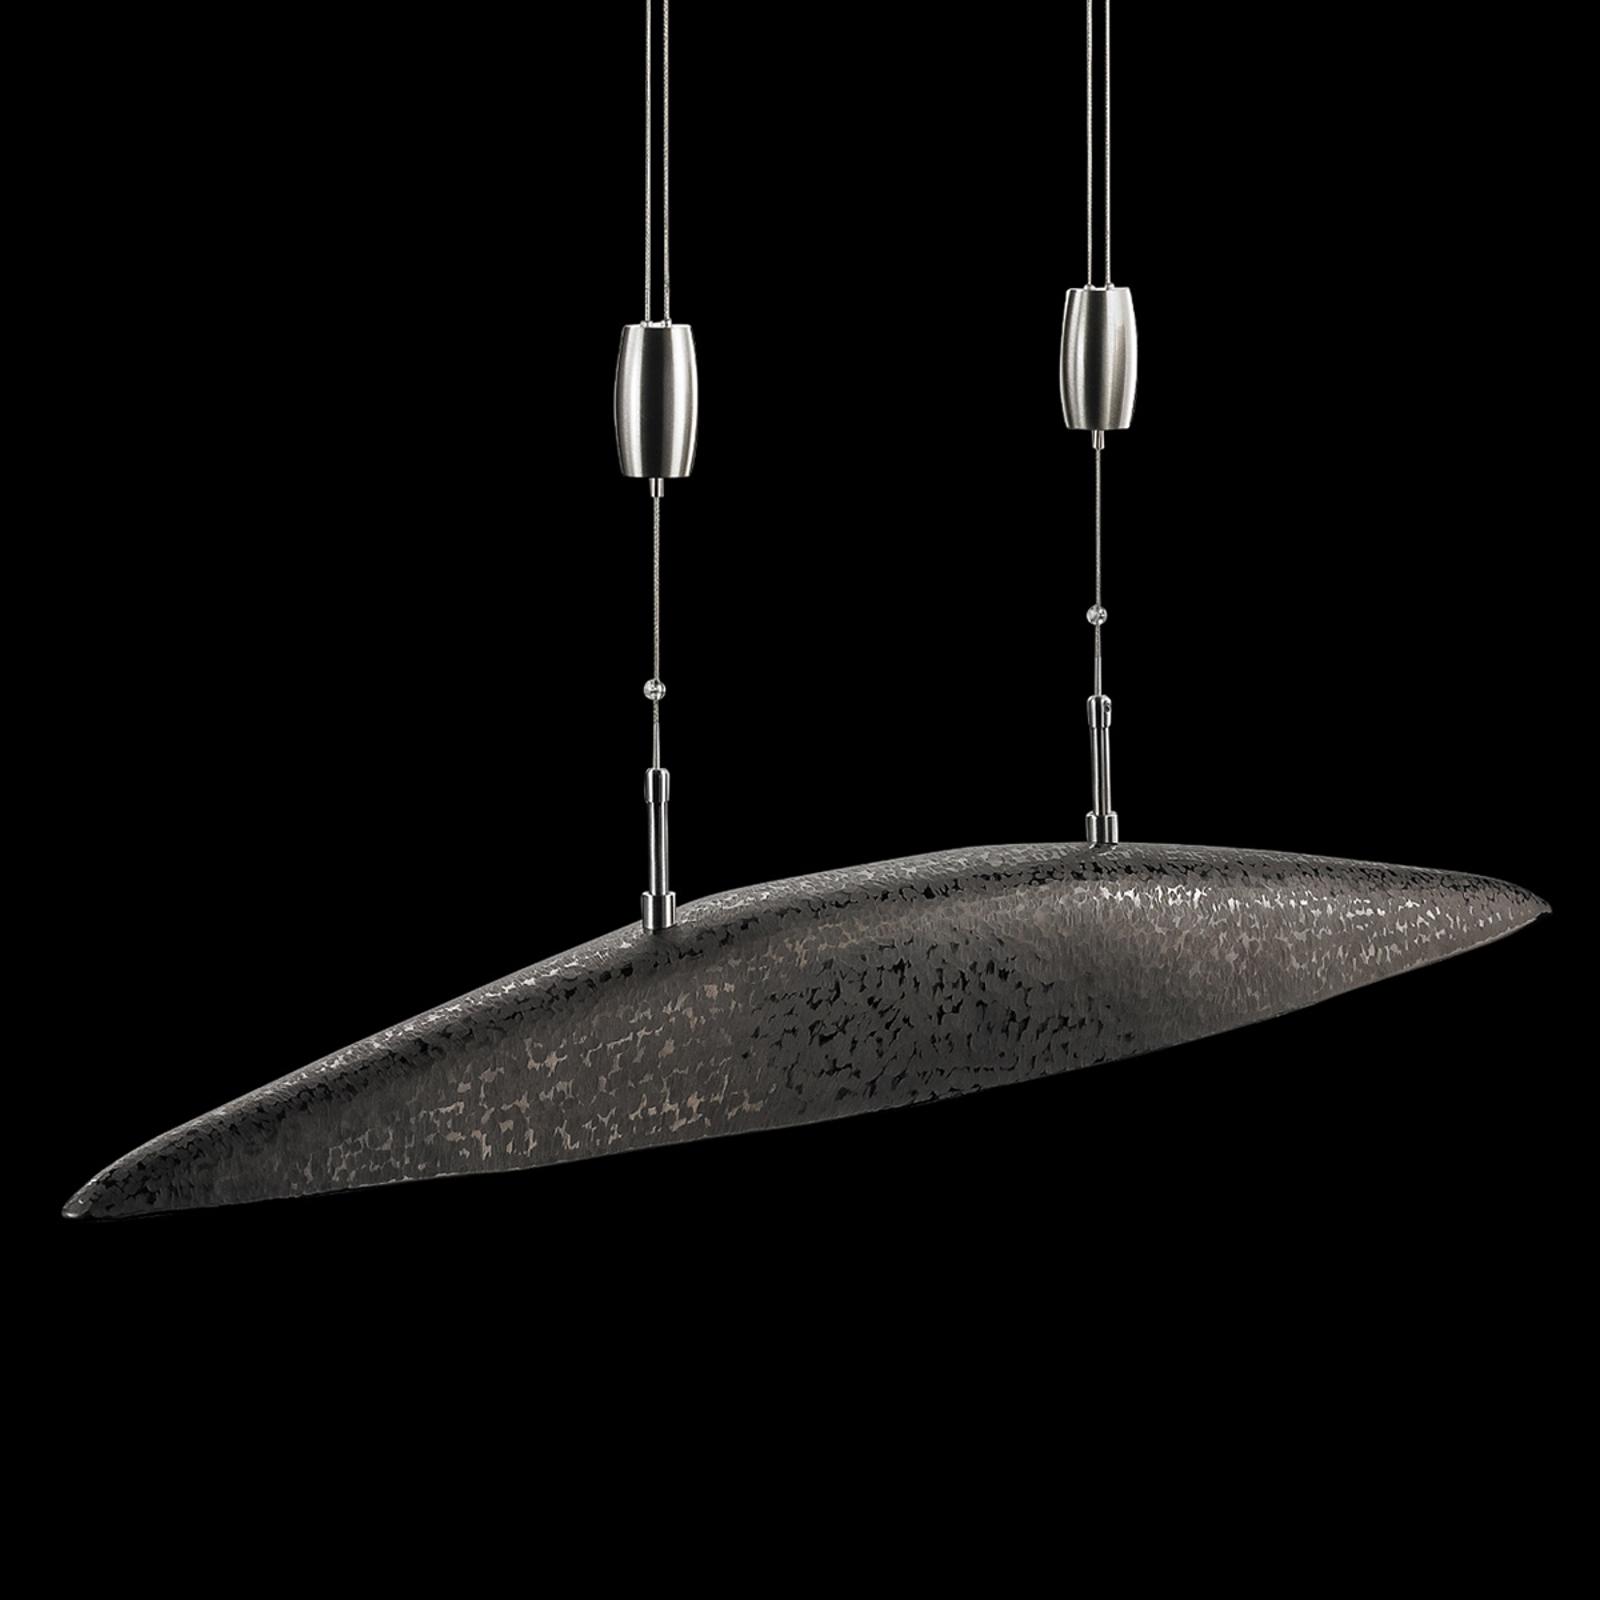 Lampa wisząca LED Shine wygięta ze ściemniaczem